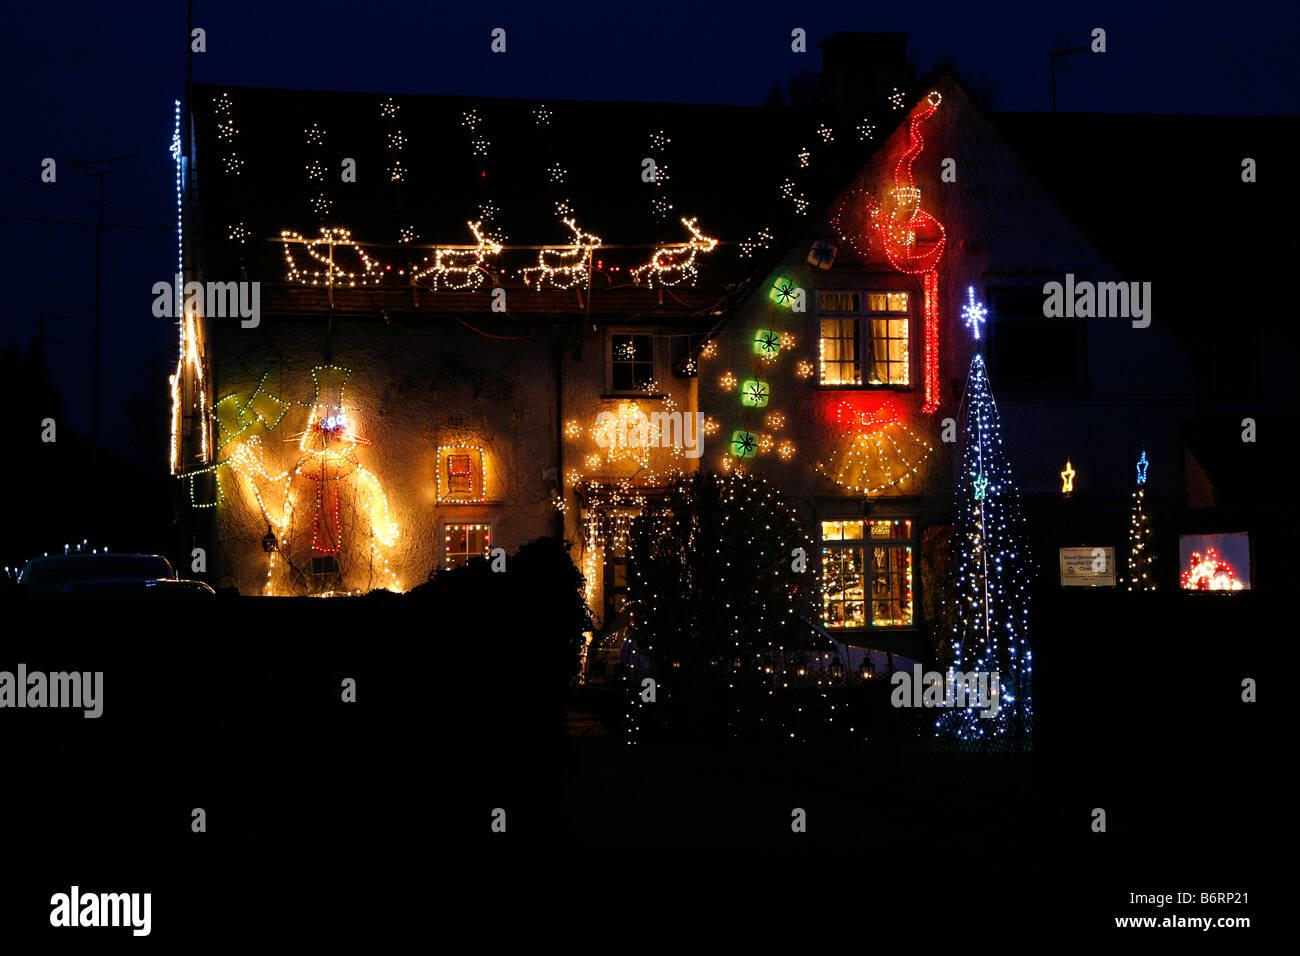 Una casa en el sur de Heath, Buckinghamshire, Inglaterra iluminado con luces festivas para celebrar las vacaciones Imagen De Stock